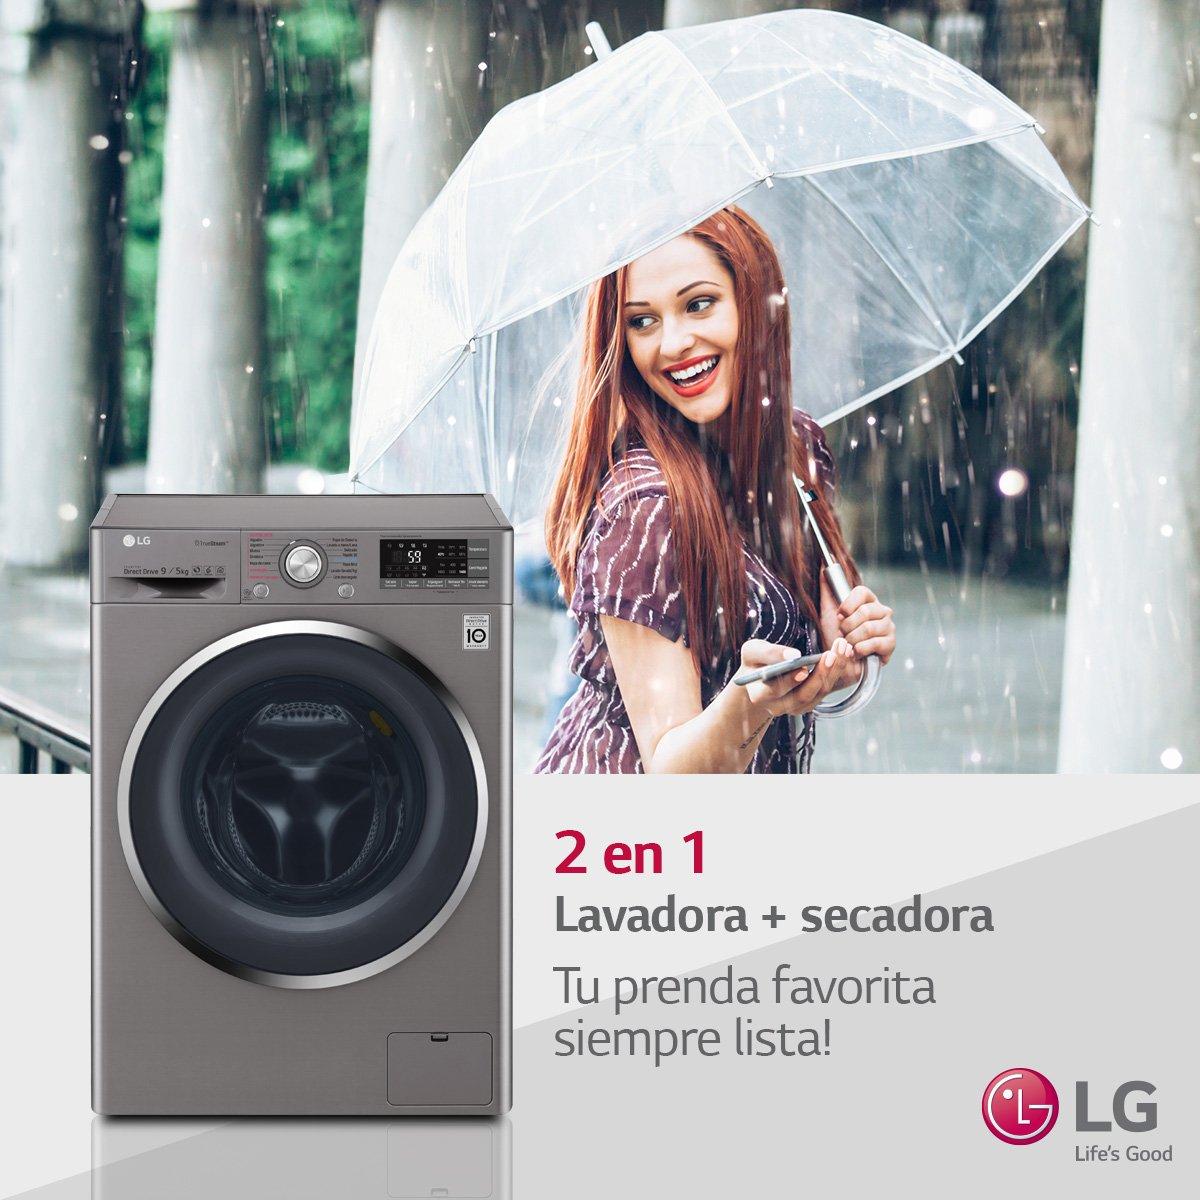 Climas inestables o días grises? No te preocupes! La mejor opción es la #LavaSeca LG para que tu ropa se mantenga limpia y seca!. Encontrala en las mejores tiendas del país. https://t.co/uiy31gou1n